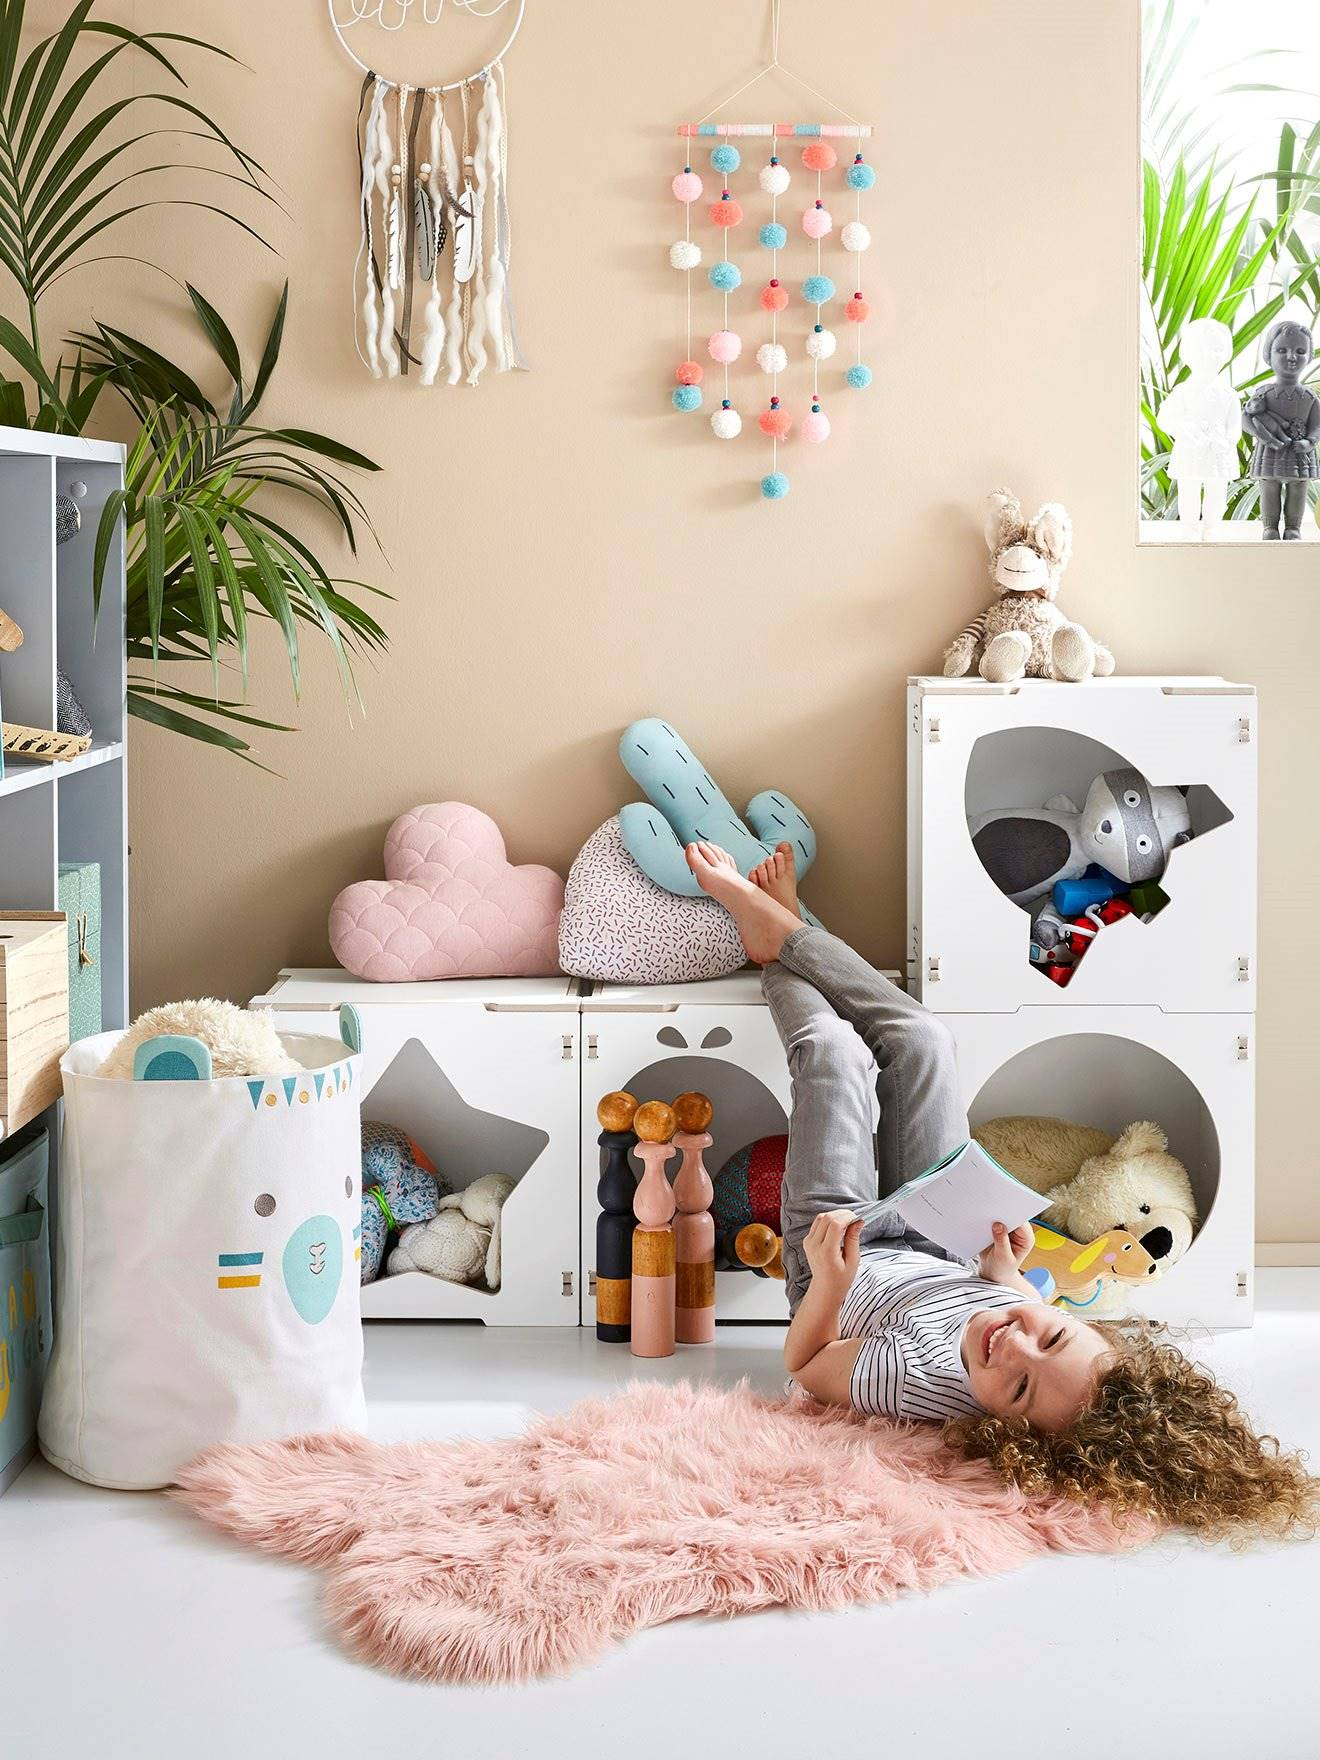 Habitaciones infantiles m s de 30 accesorios para decorarlas for Accesorios habitacion bebe